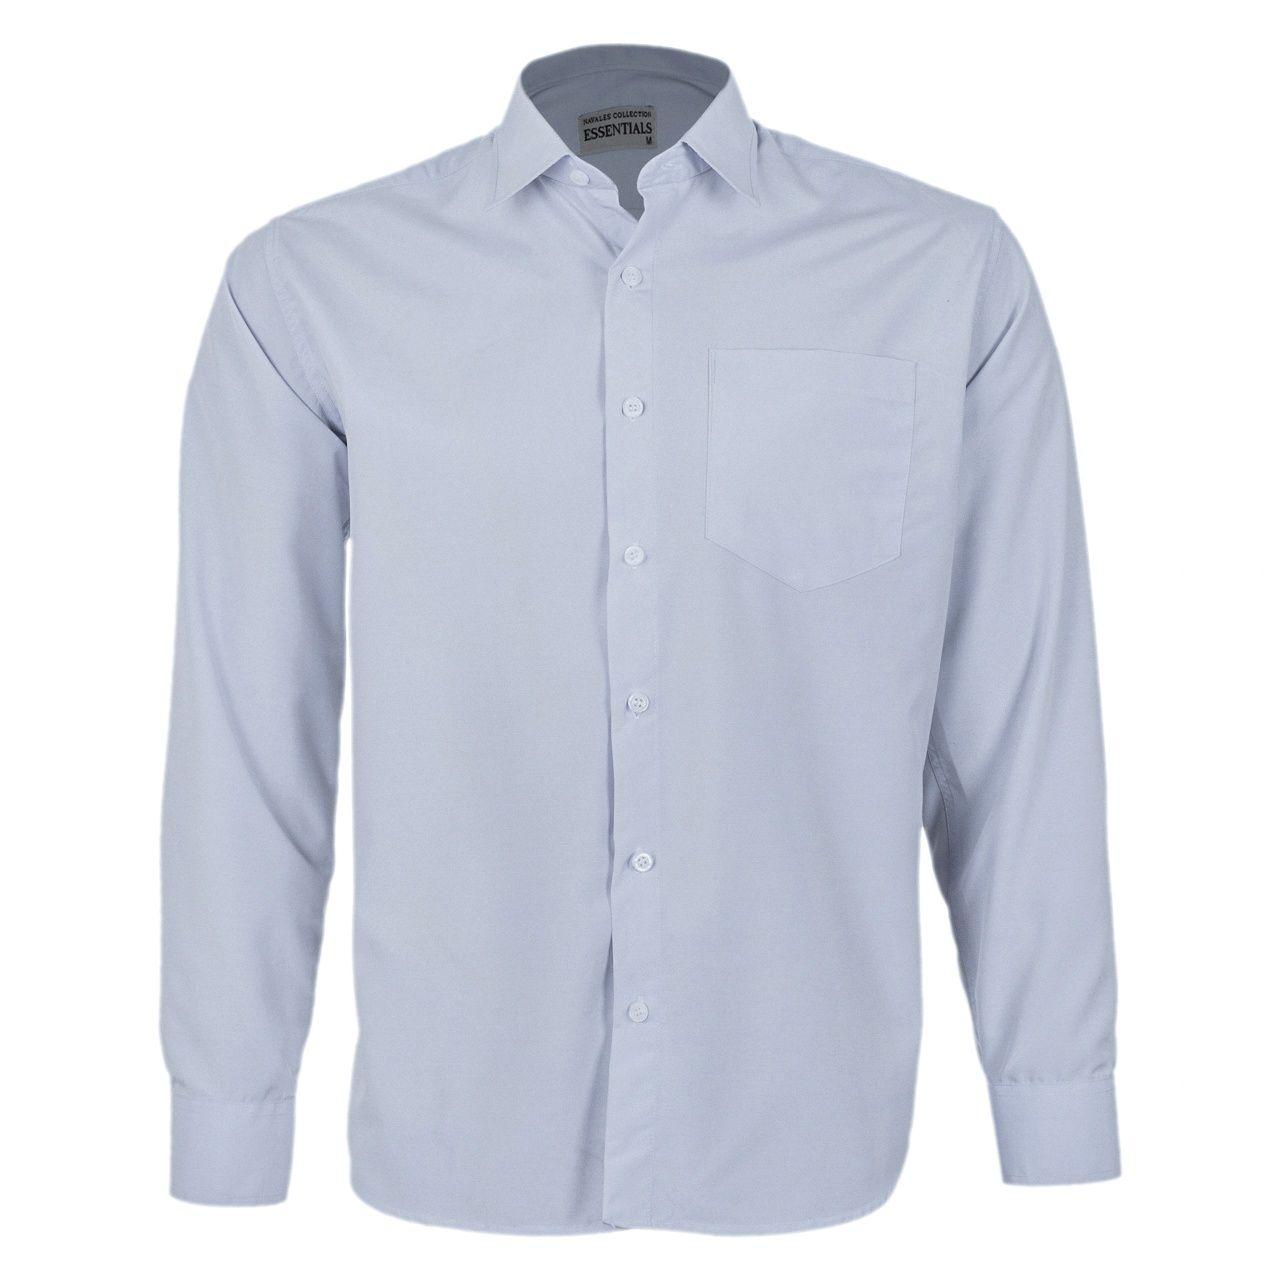 پیراهن مردانه ناوالس کد RegularFit-Tet-Lgy -  - 2